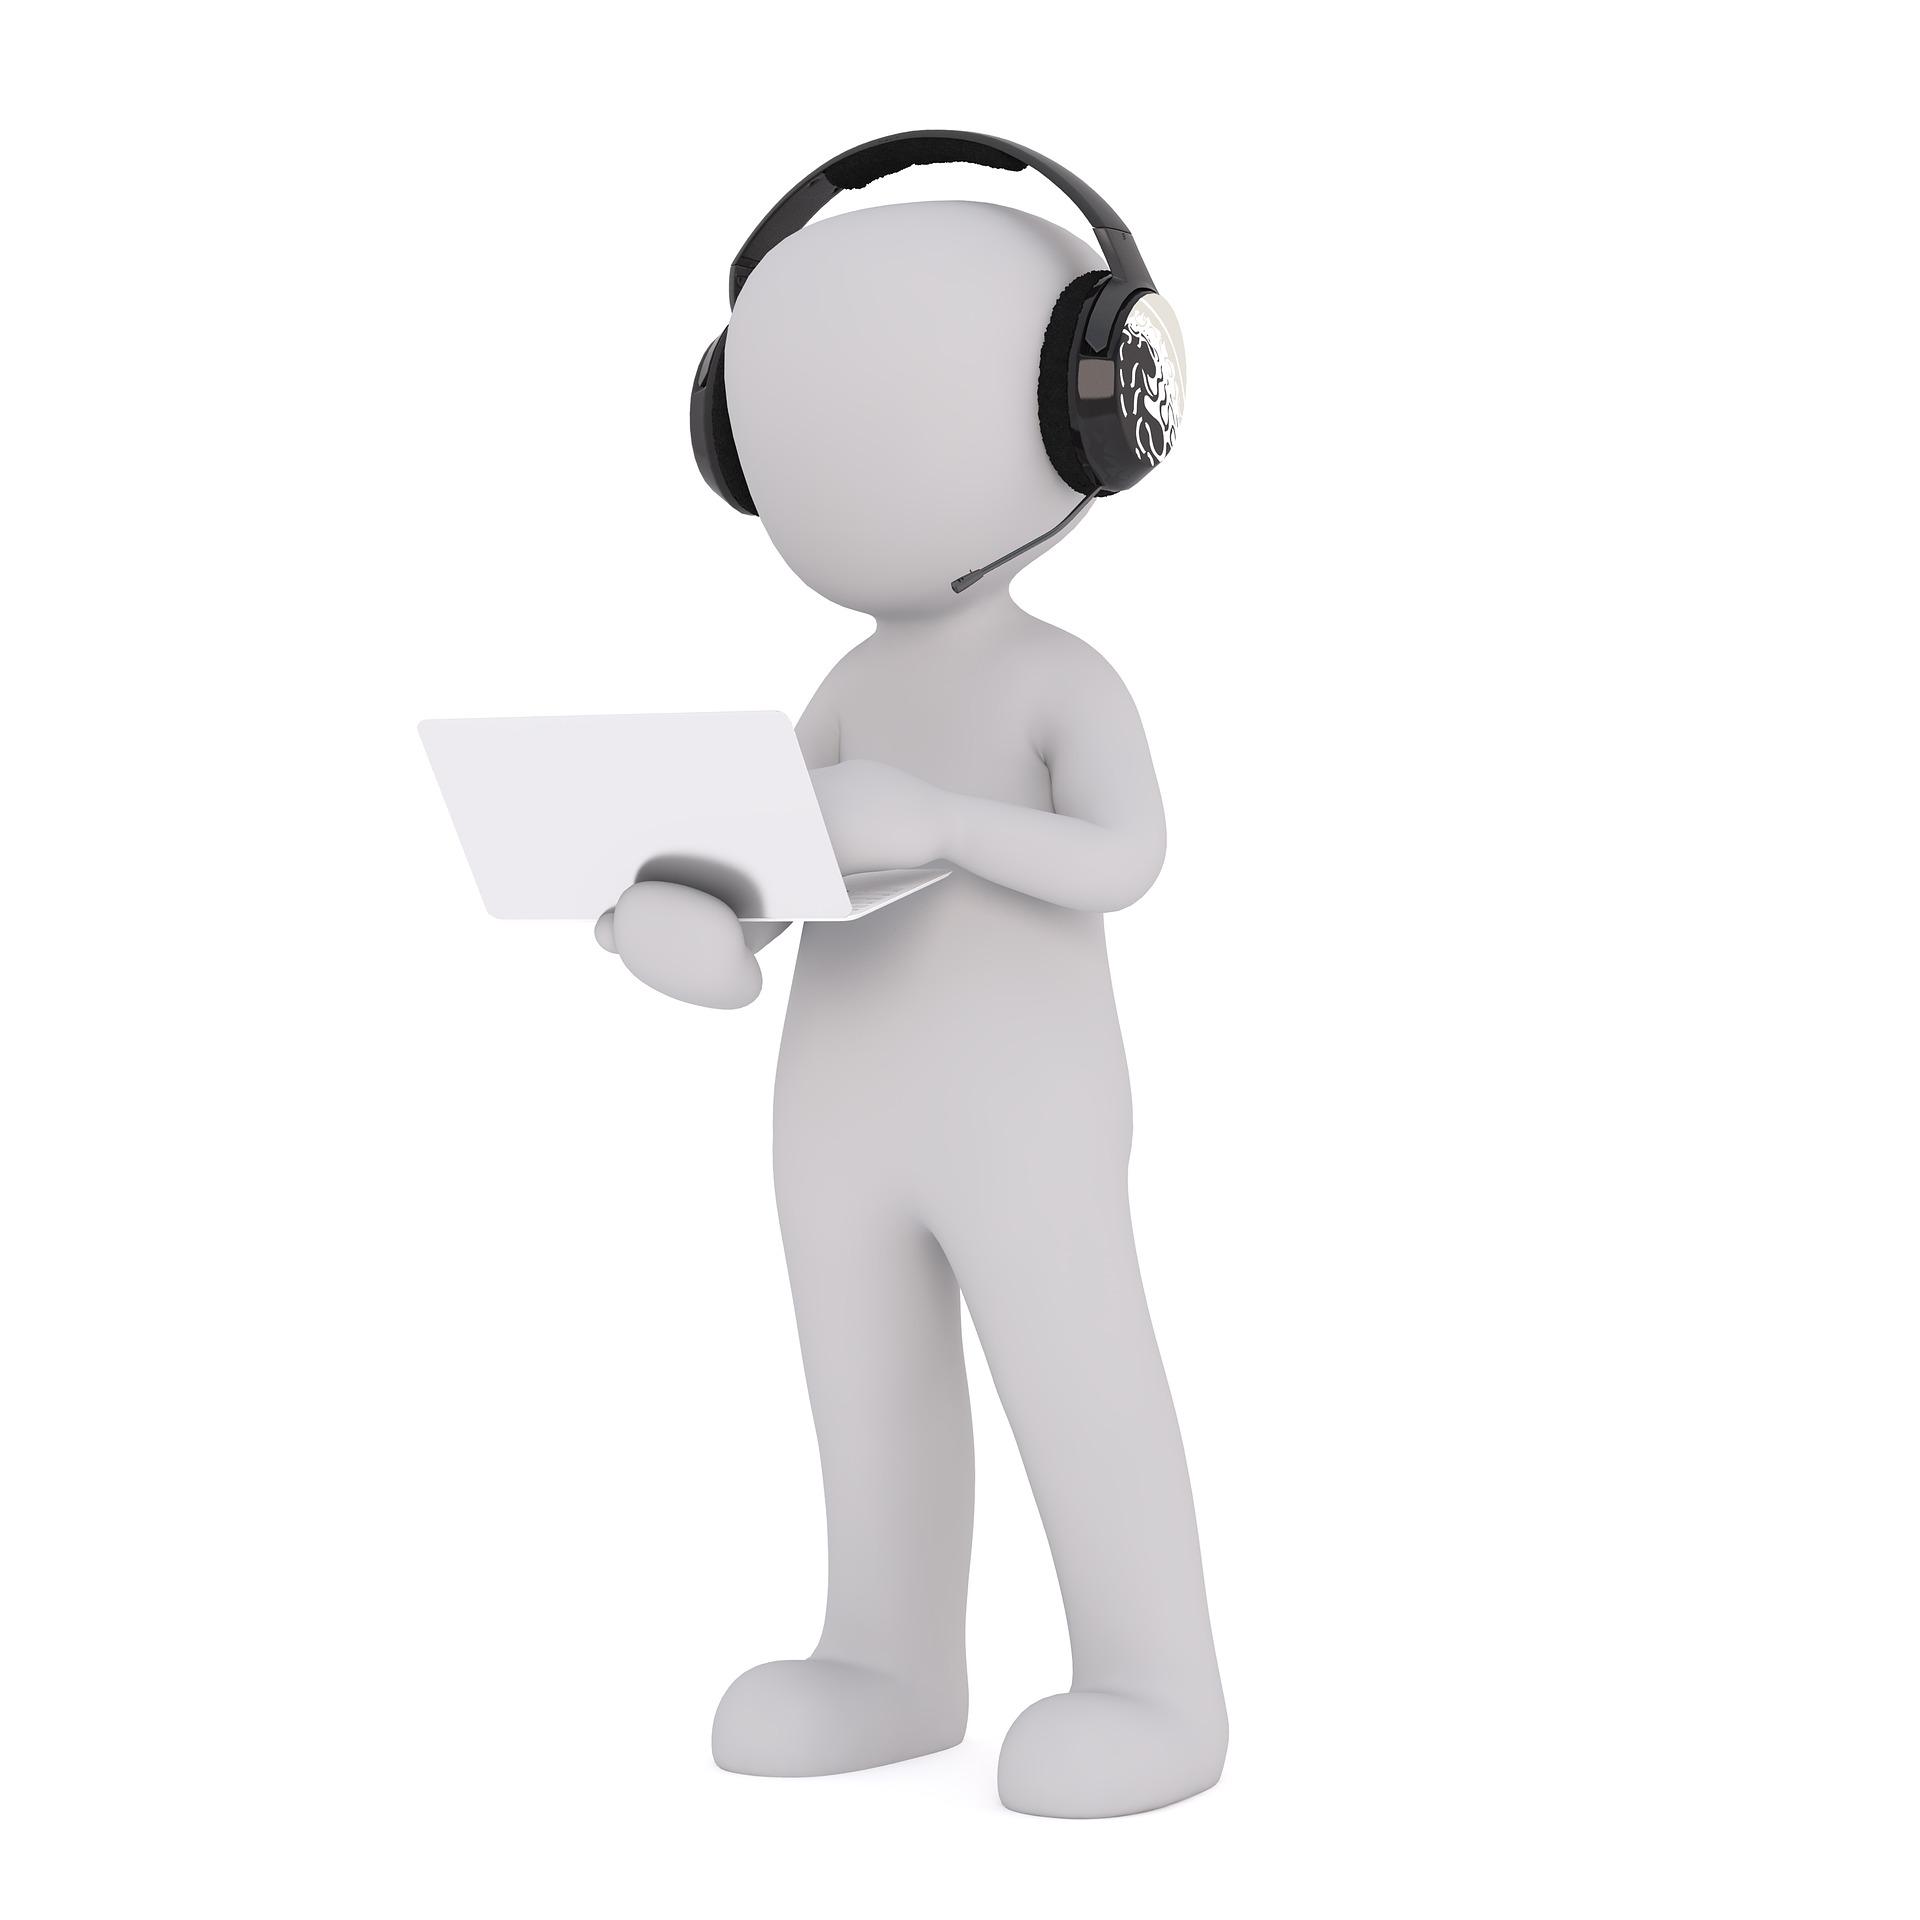 headphones-1816349_1920.jpg